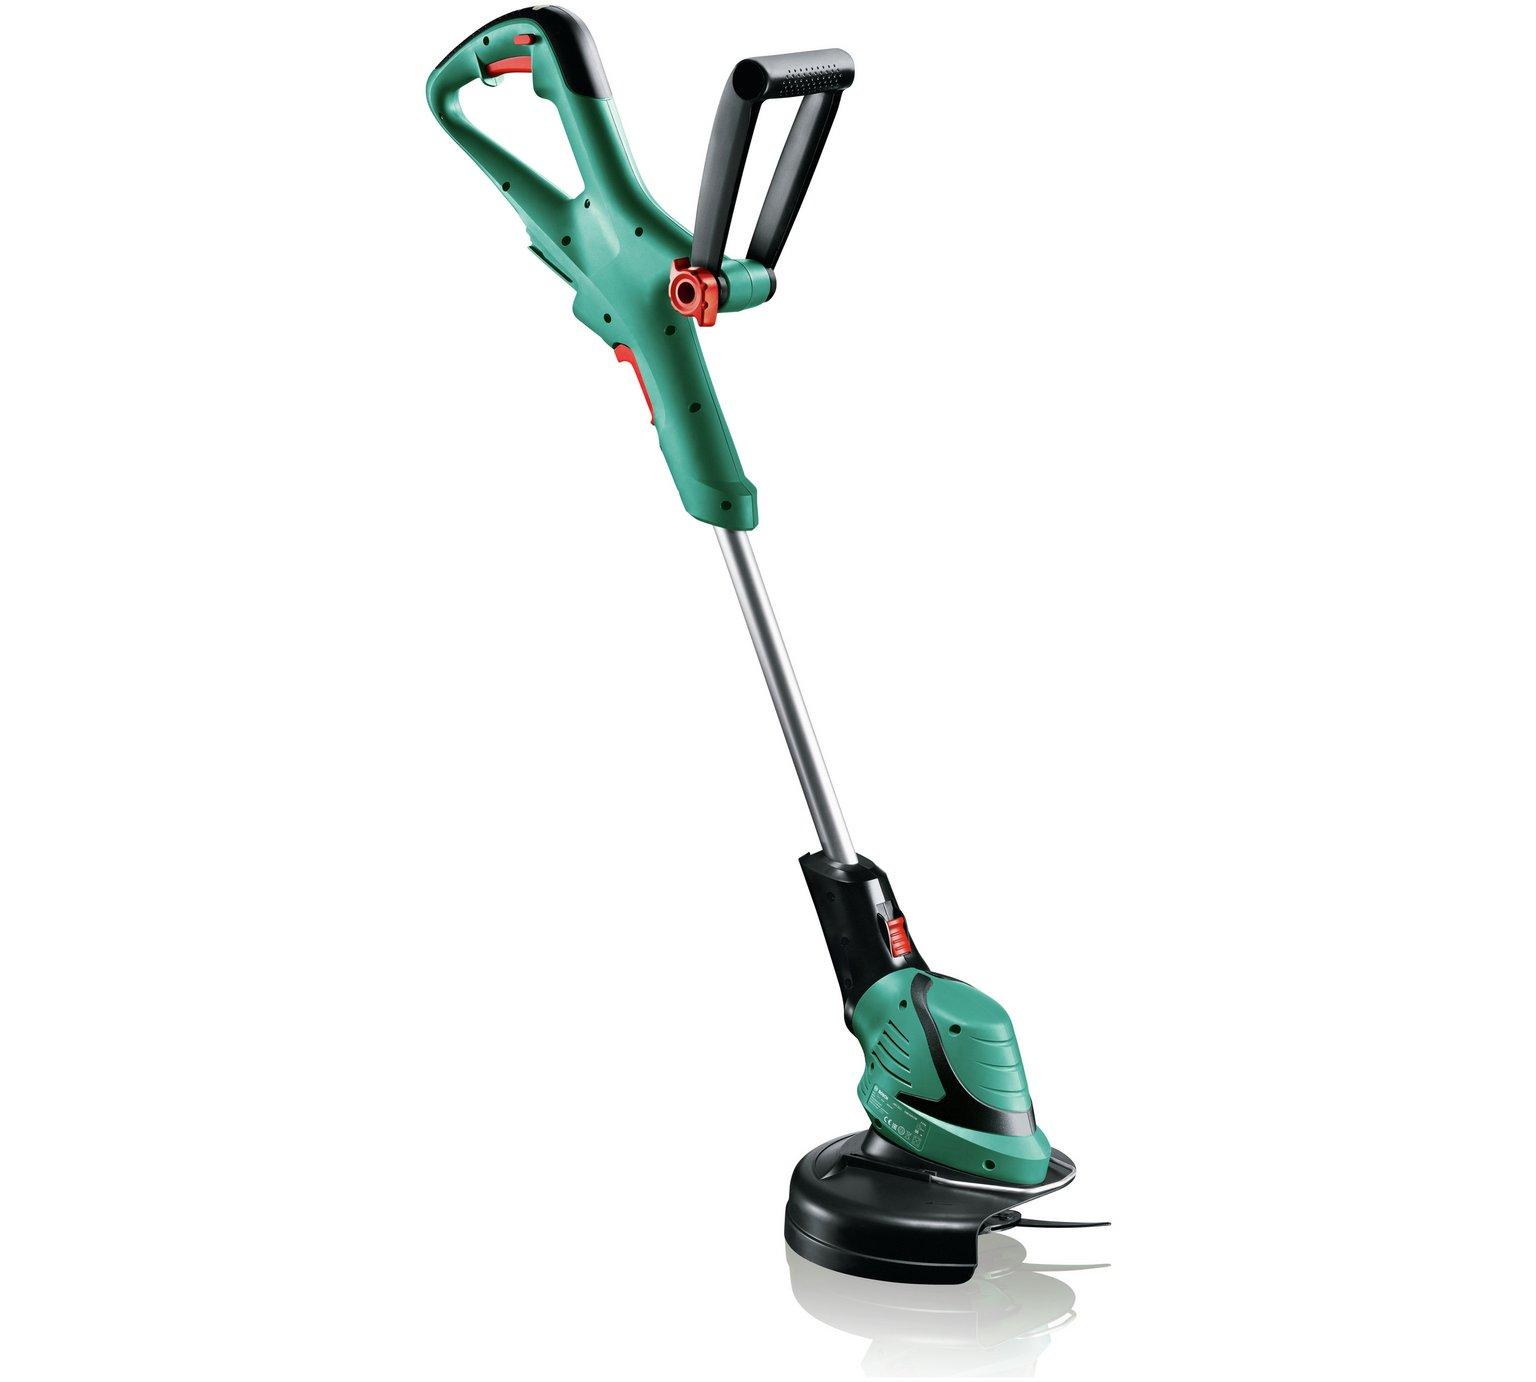 Bosch ART23-18 28cm Cordless Bare Grass Trimmer - No Battery